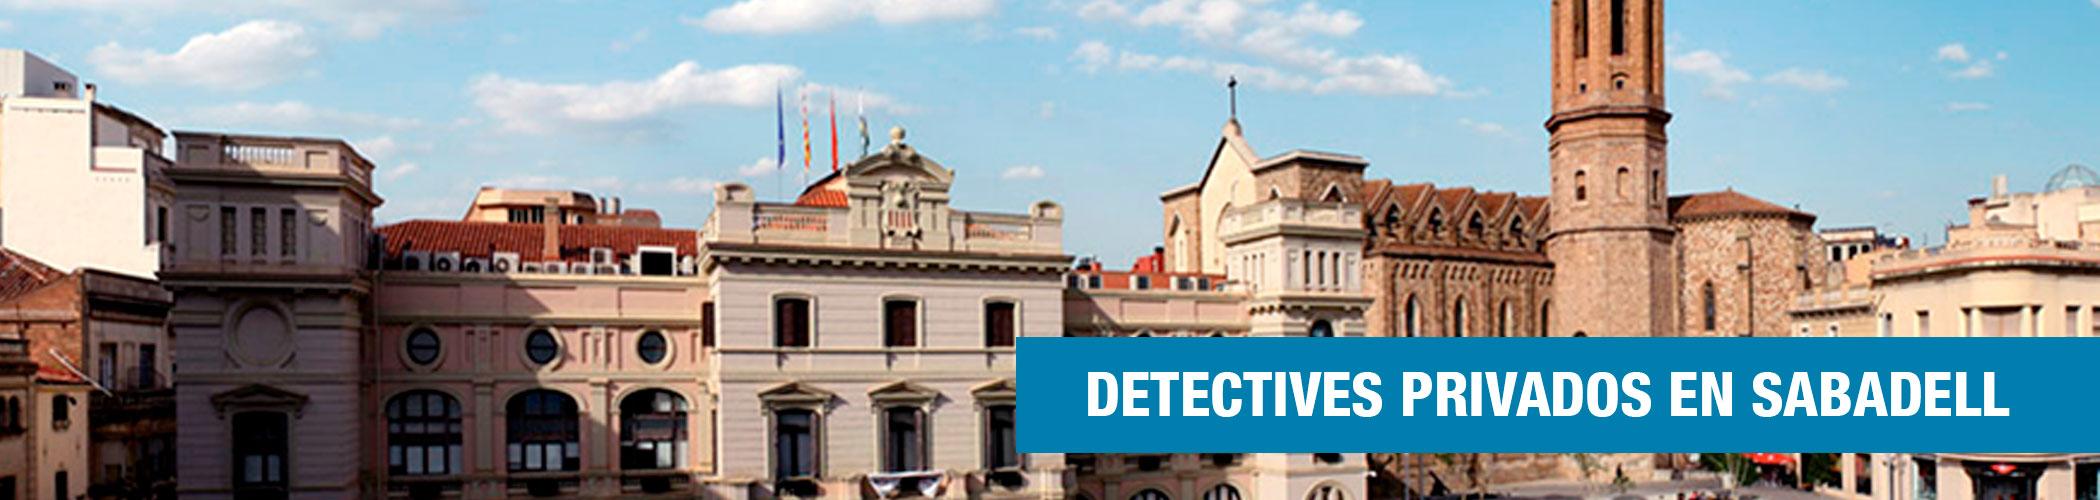 detectives sabadell